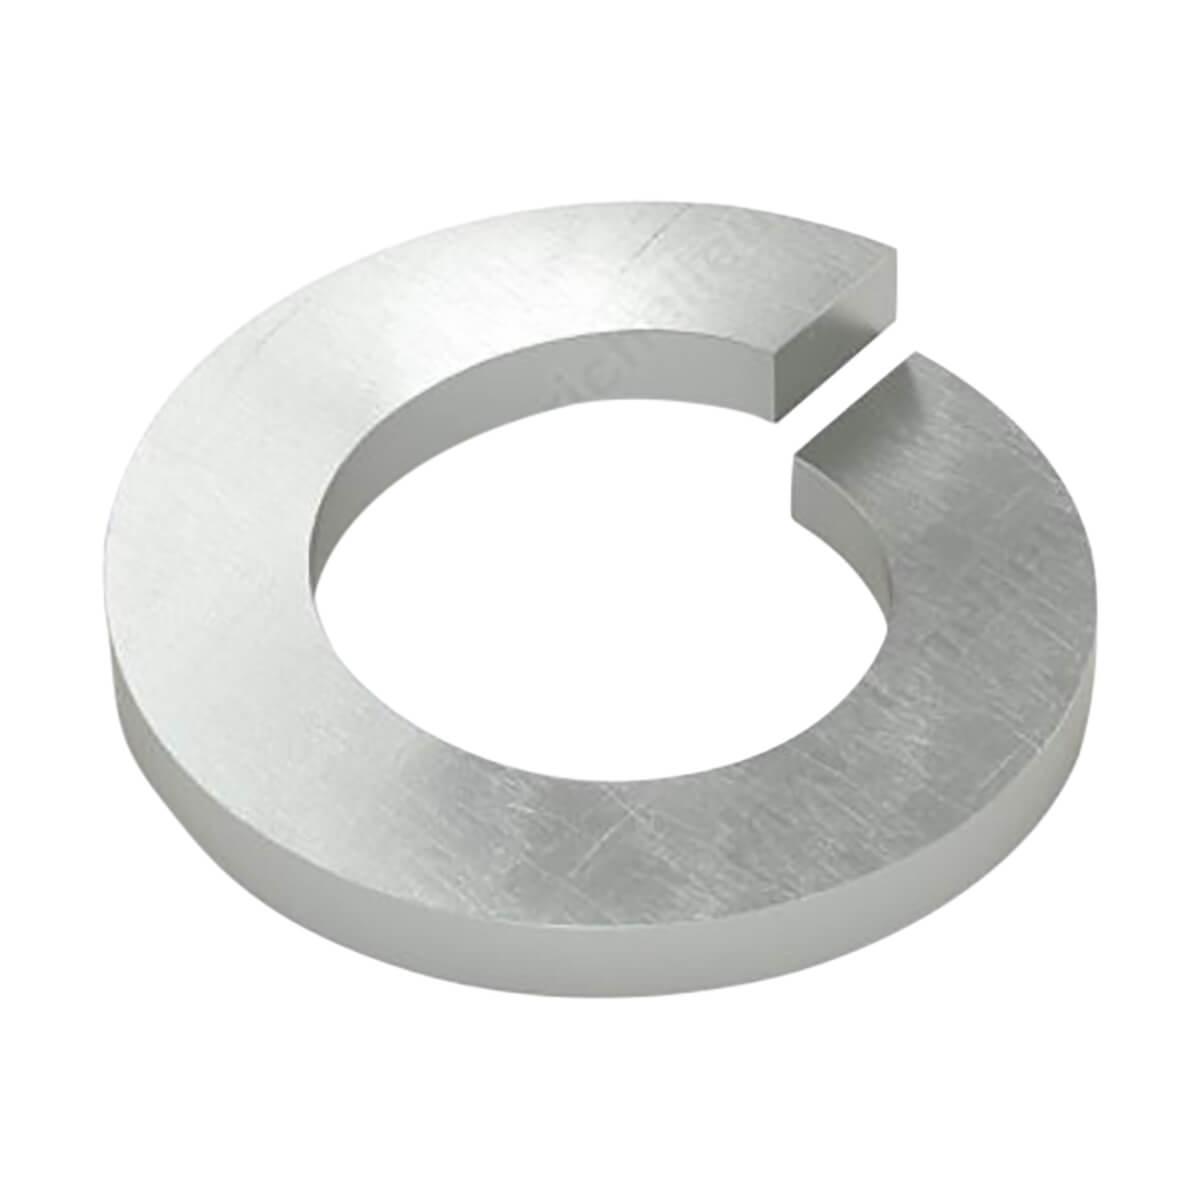 Spring Lock Washer - 3/4-in - 100 / Box